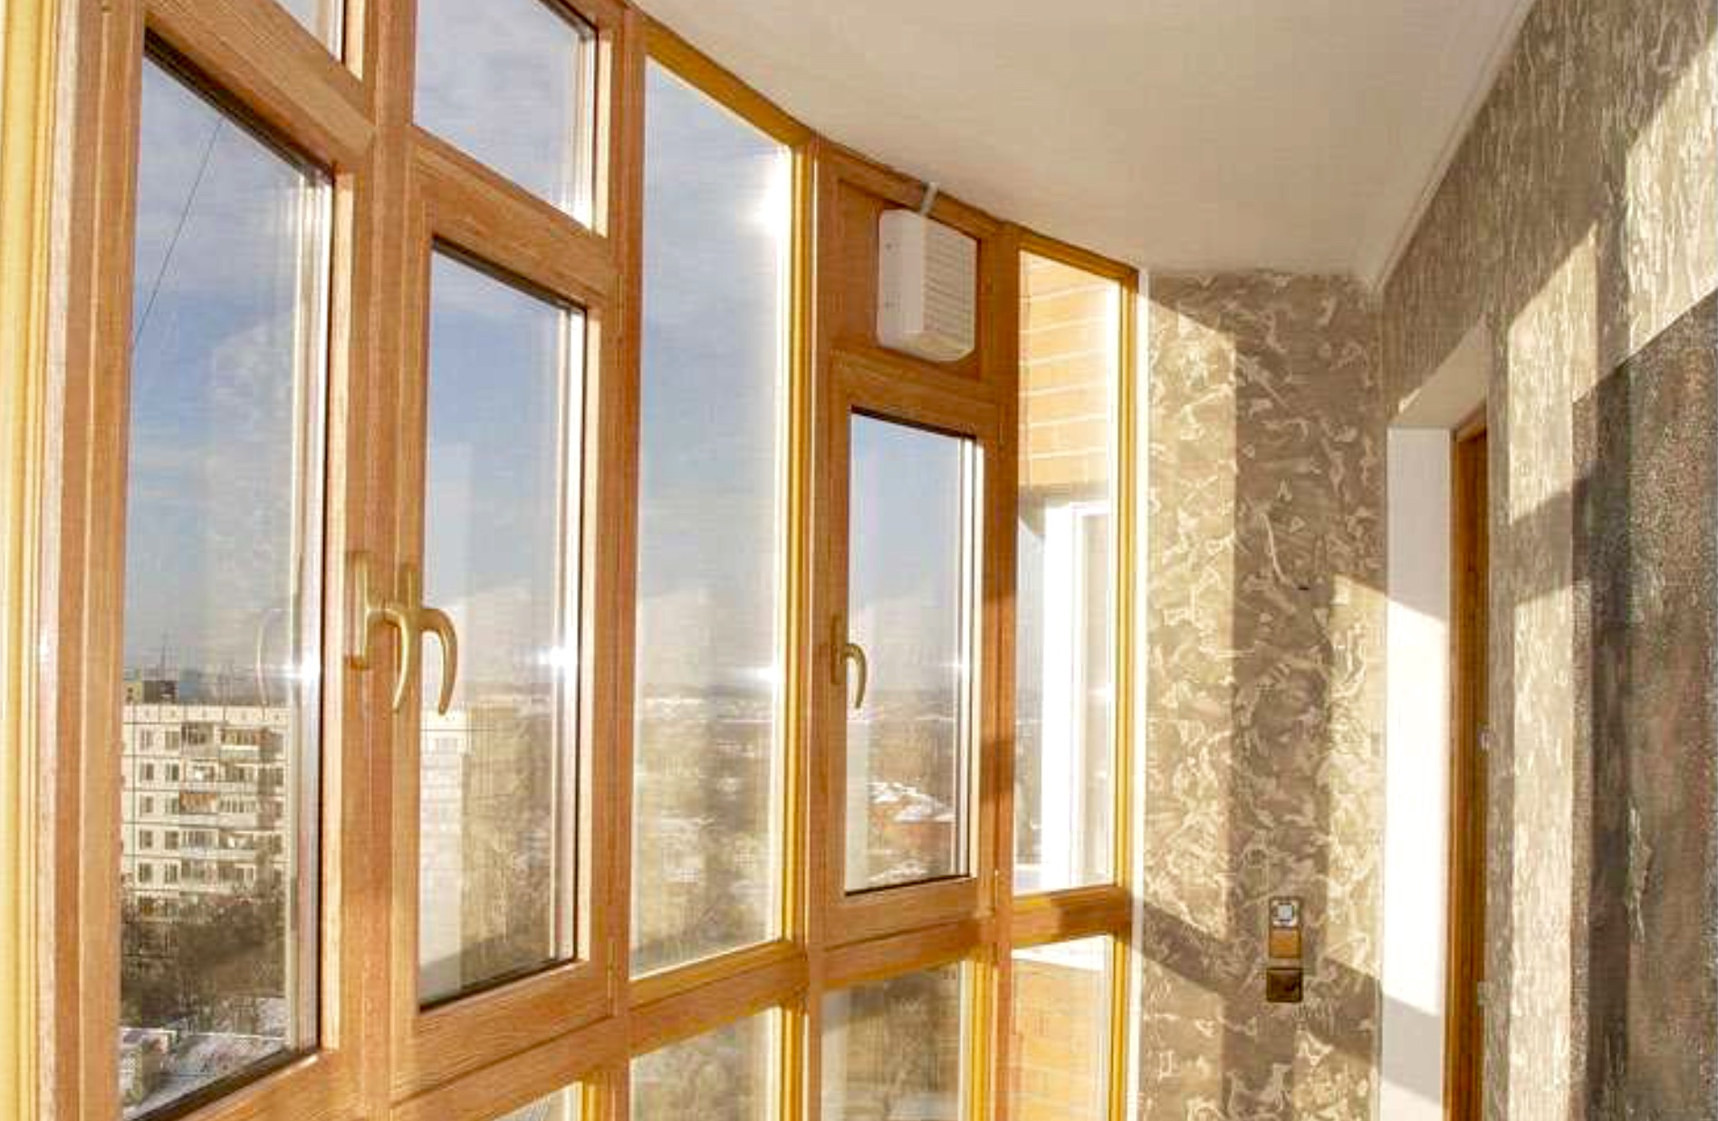 Пластиковые окна, остекление балконов и лоджий - услуги и се.